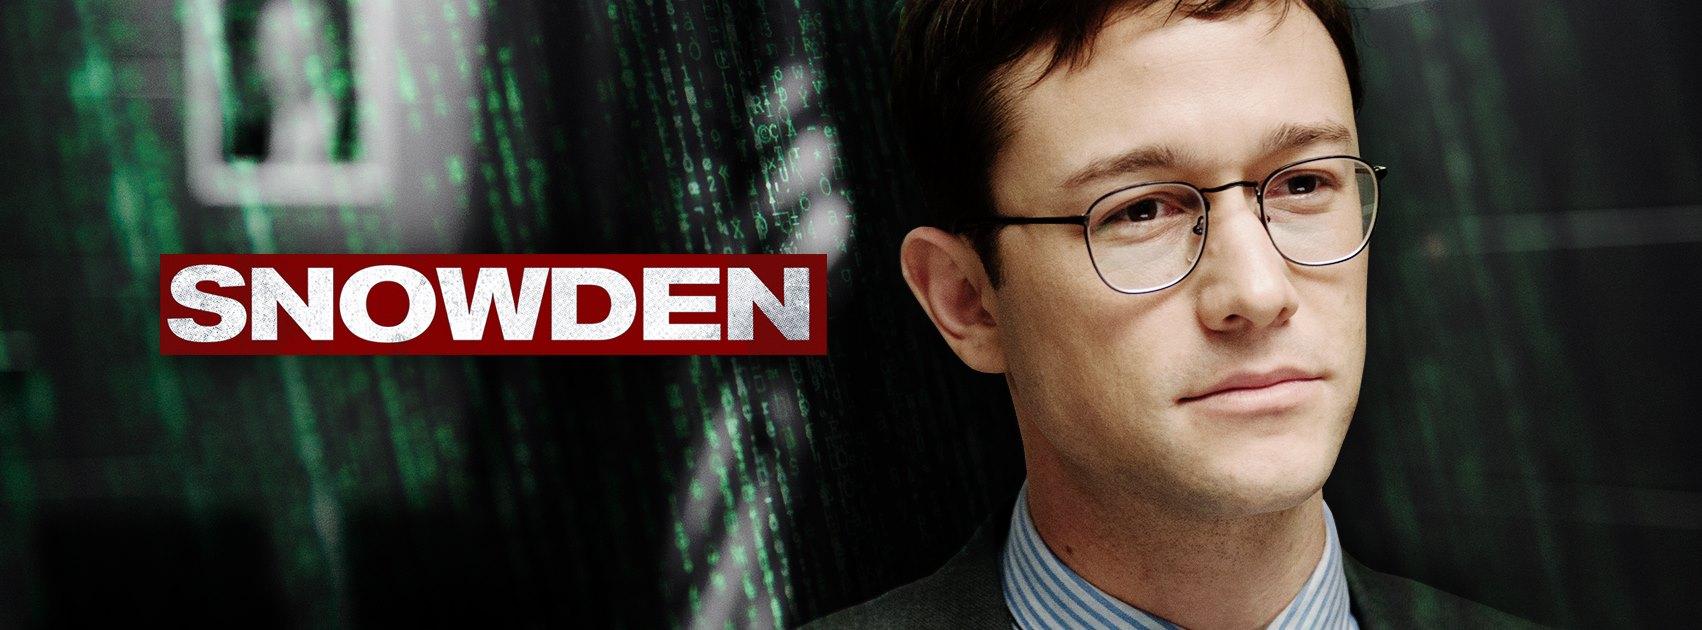 Сноуден: «Я не боюсь за завтрашний день благодаря тому, что сделал сегодня»